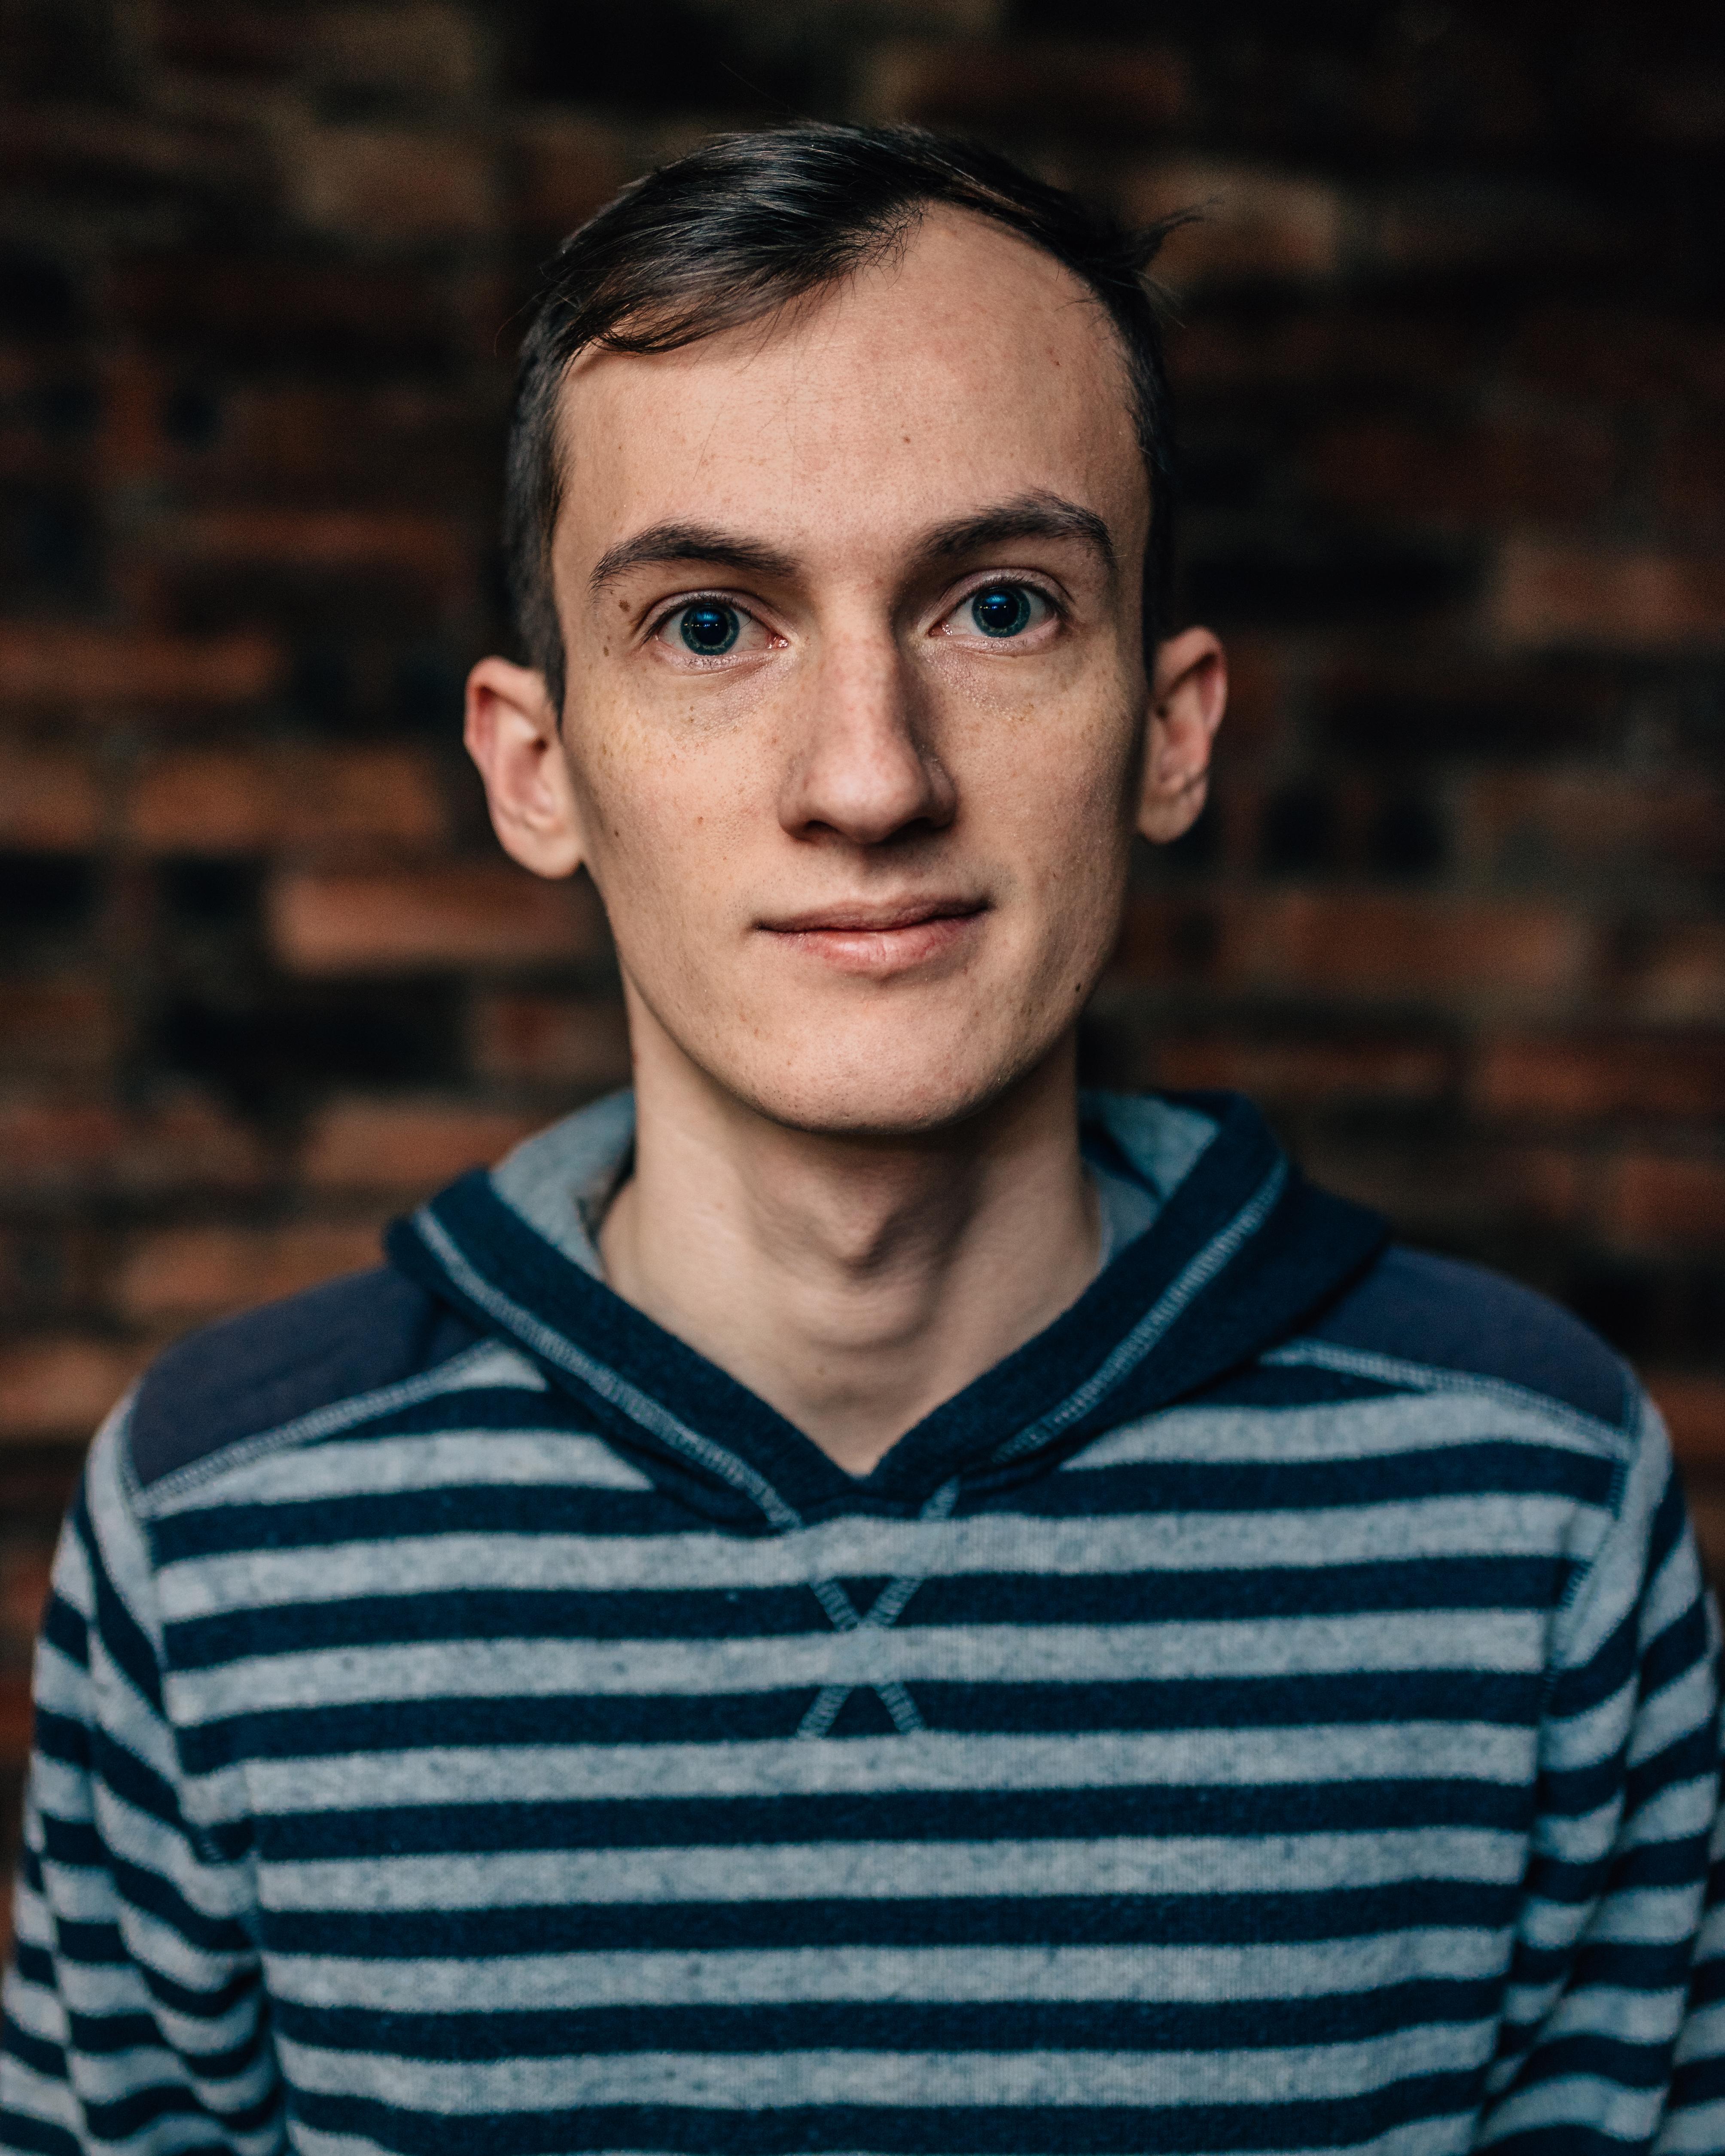 Tomaž Krajnc Image